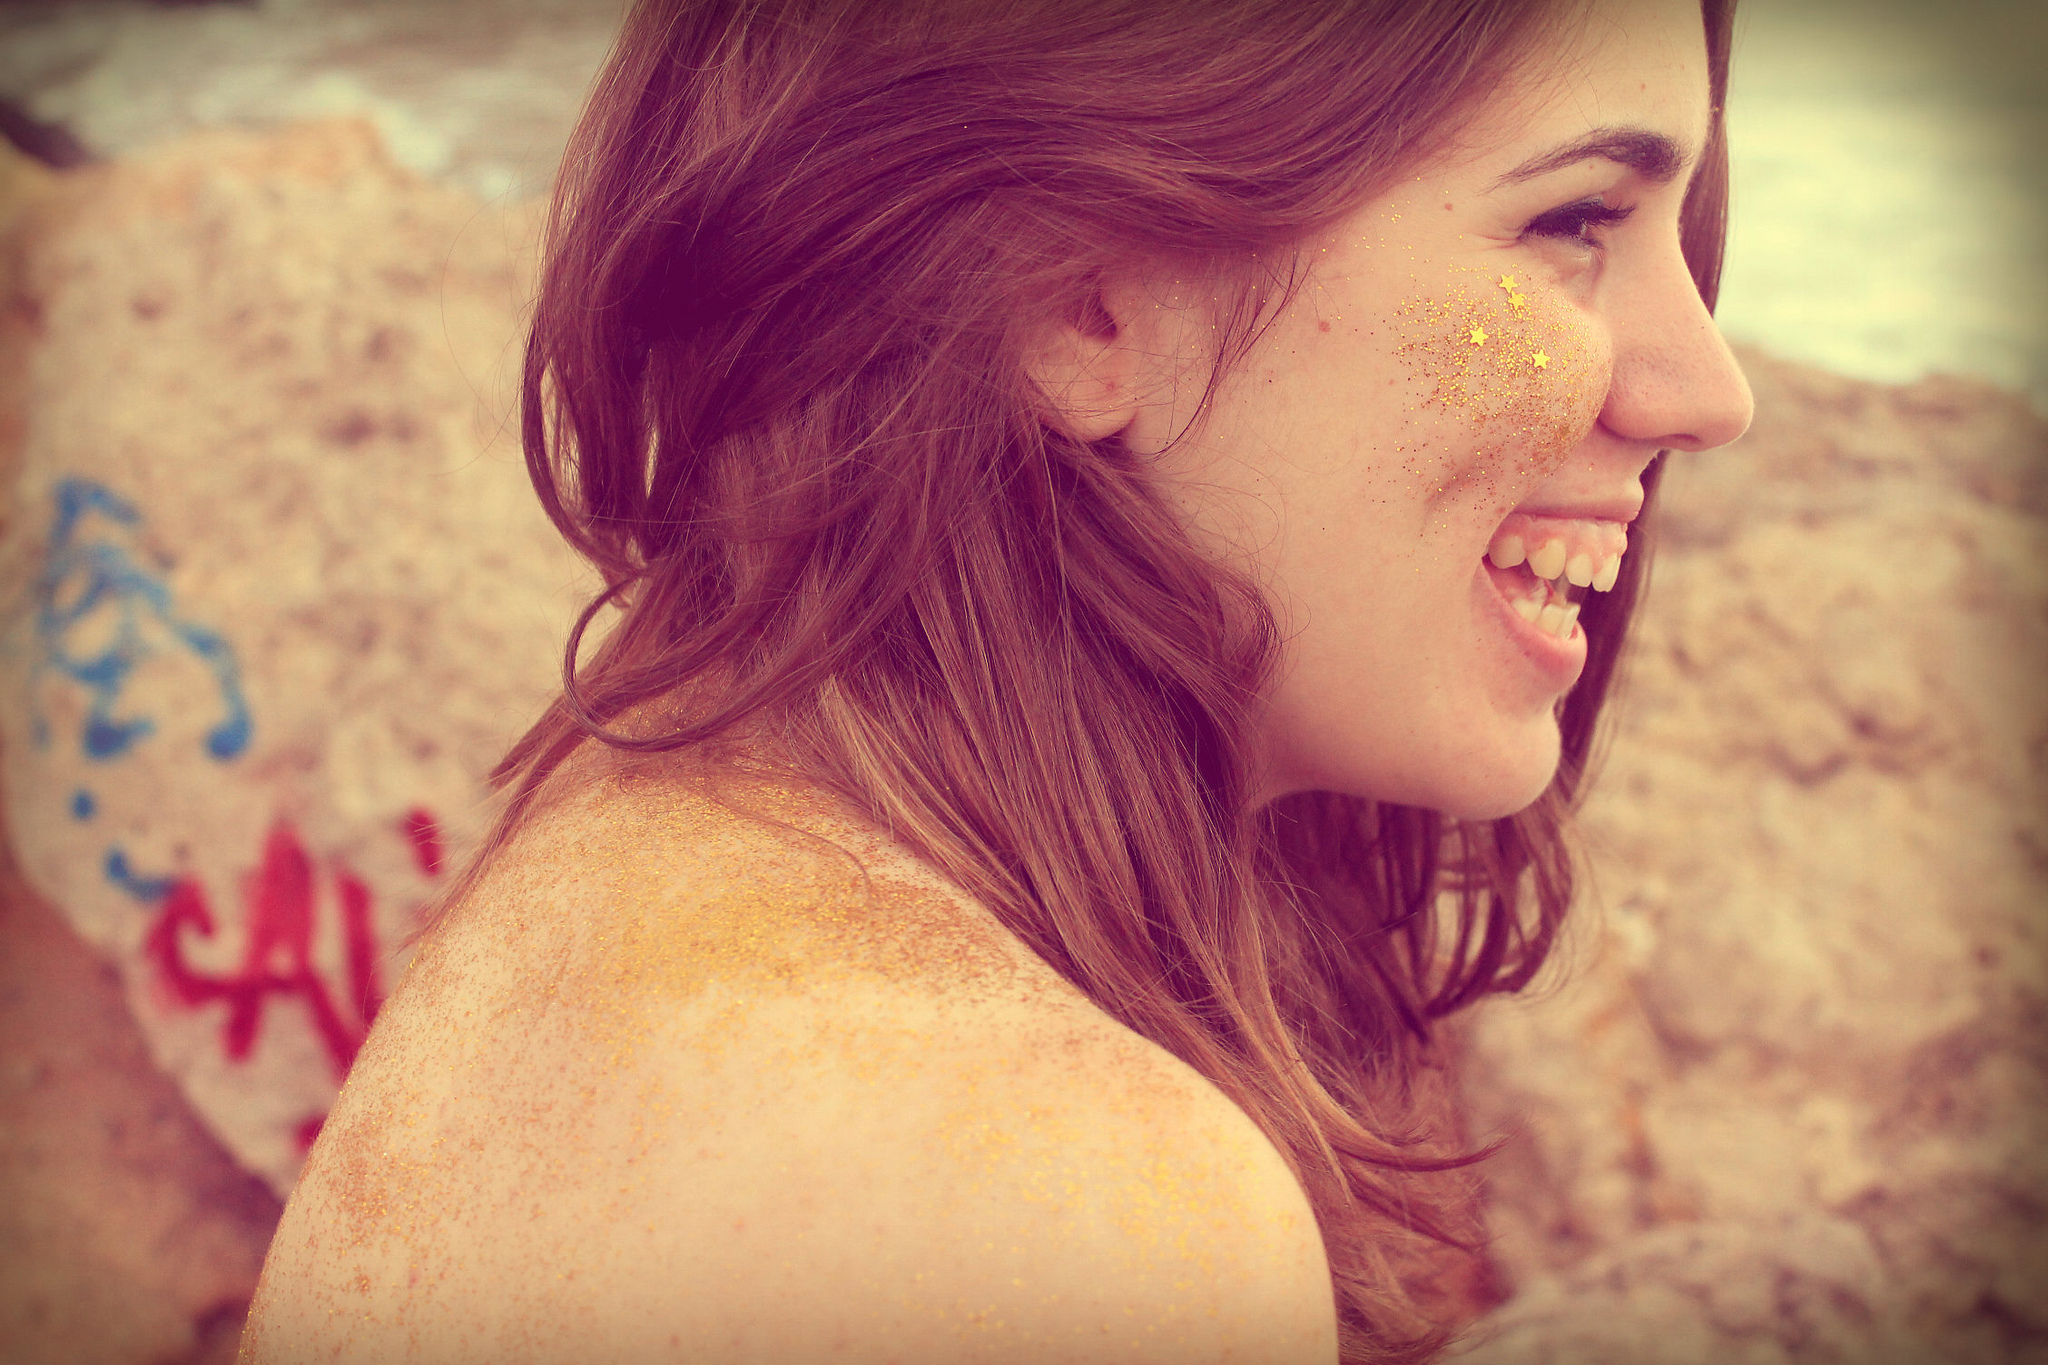 spain nude beach